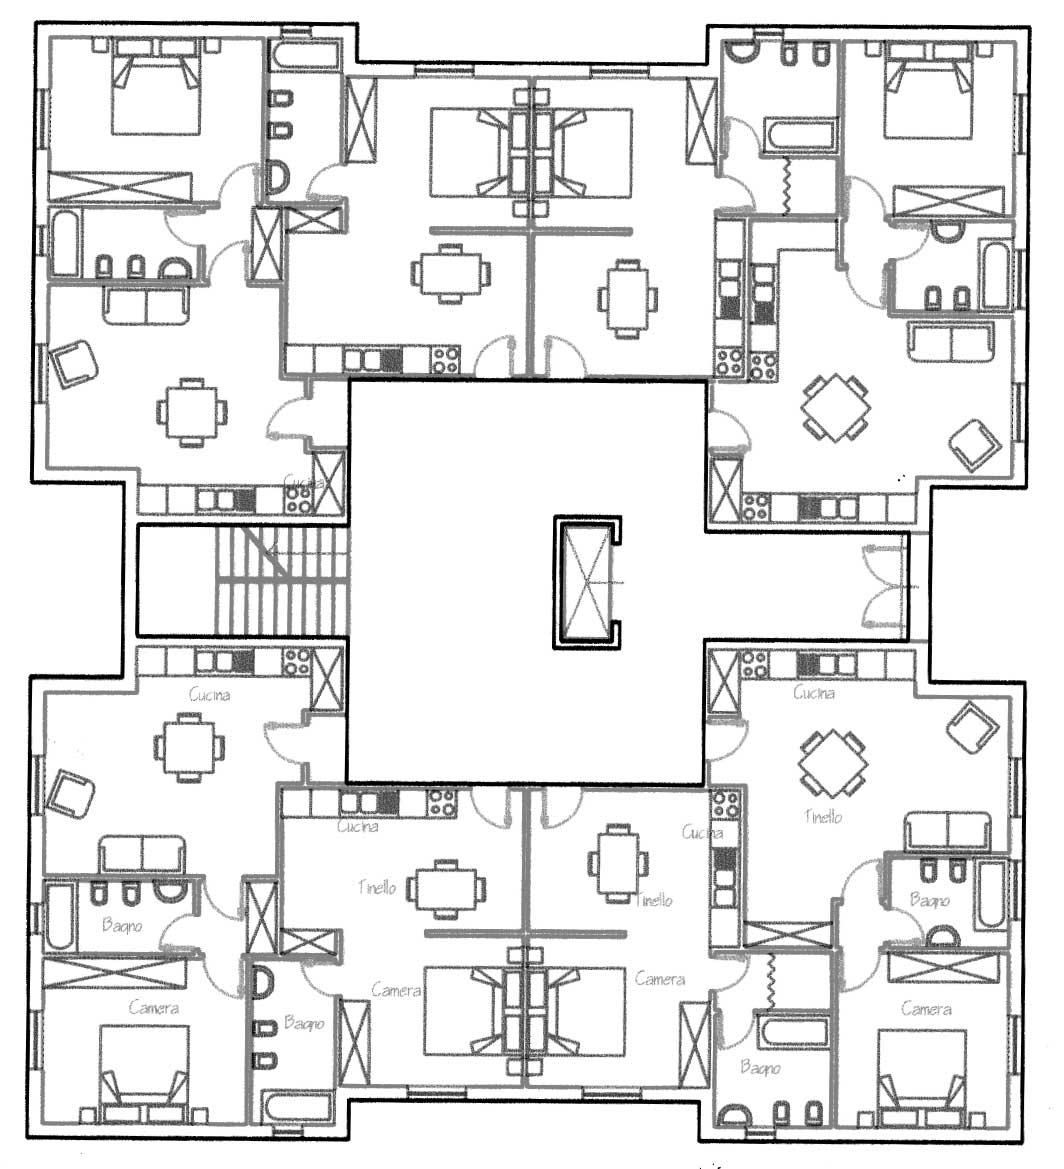 18 - CdQ, Quartiere 3 - Rione Rancitelli, Pescara; con D. Bugiani, G. Di Cristina, R. Mascetta e D. Tronca - Pianta edificio B